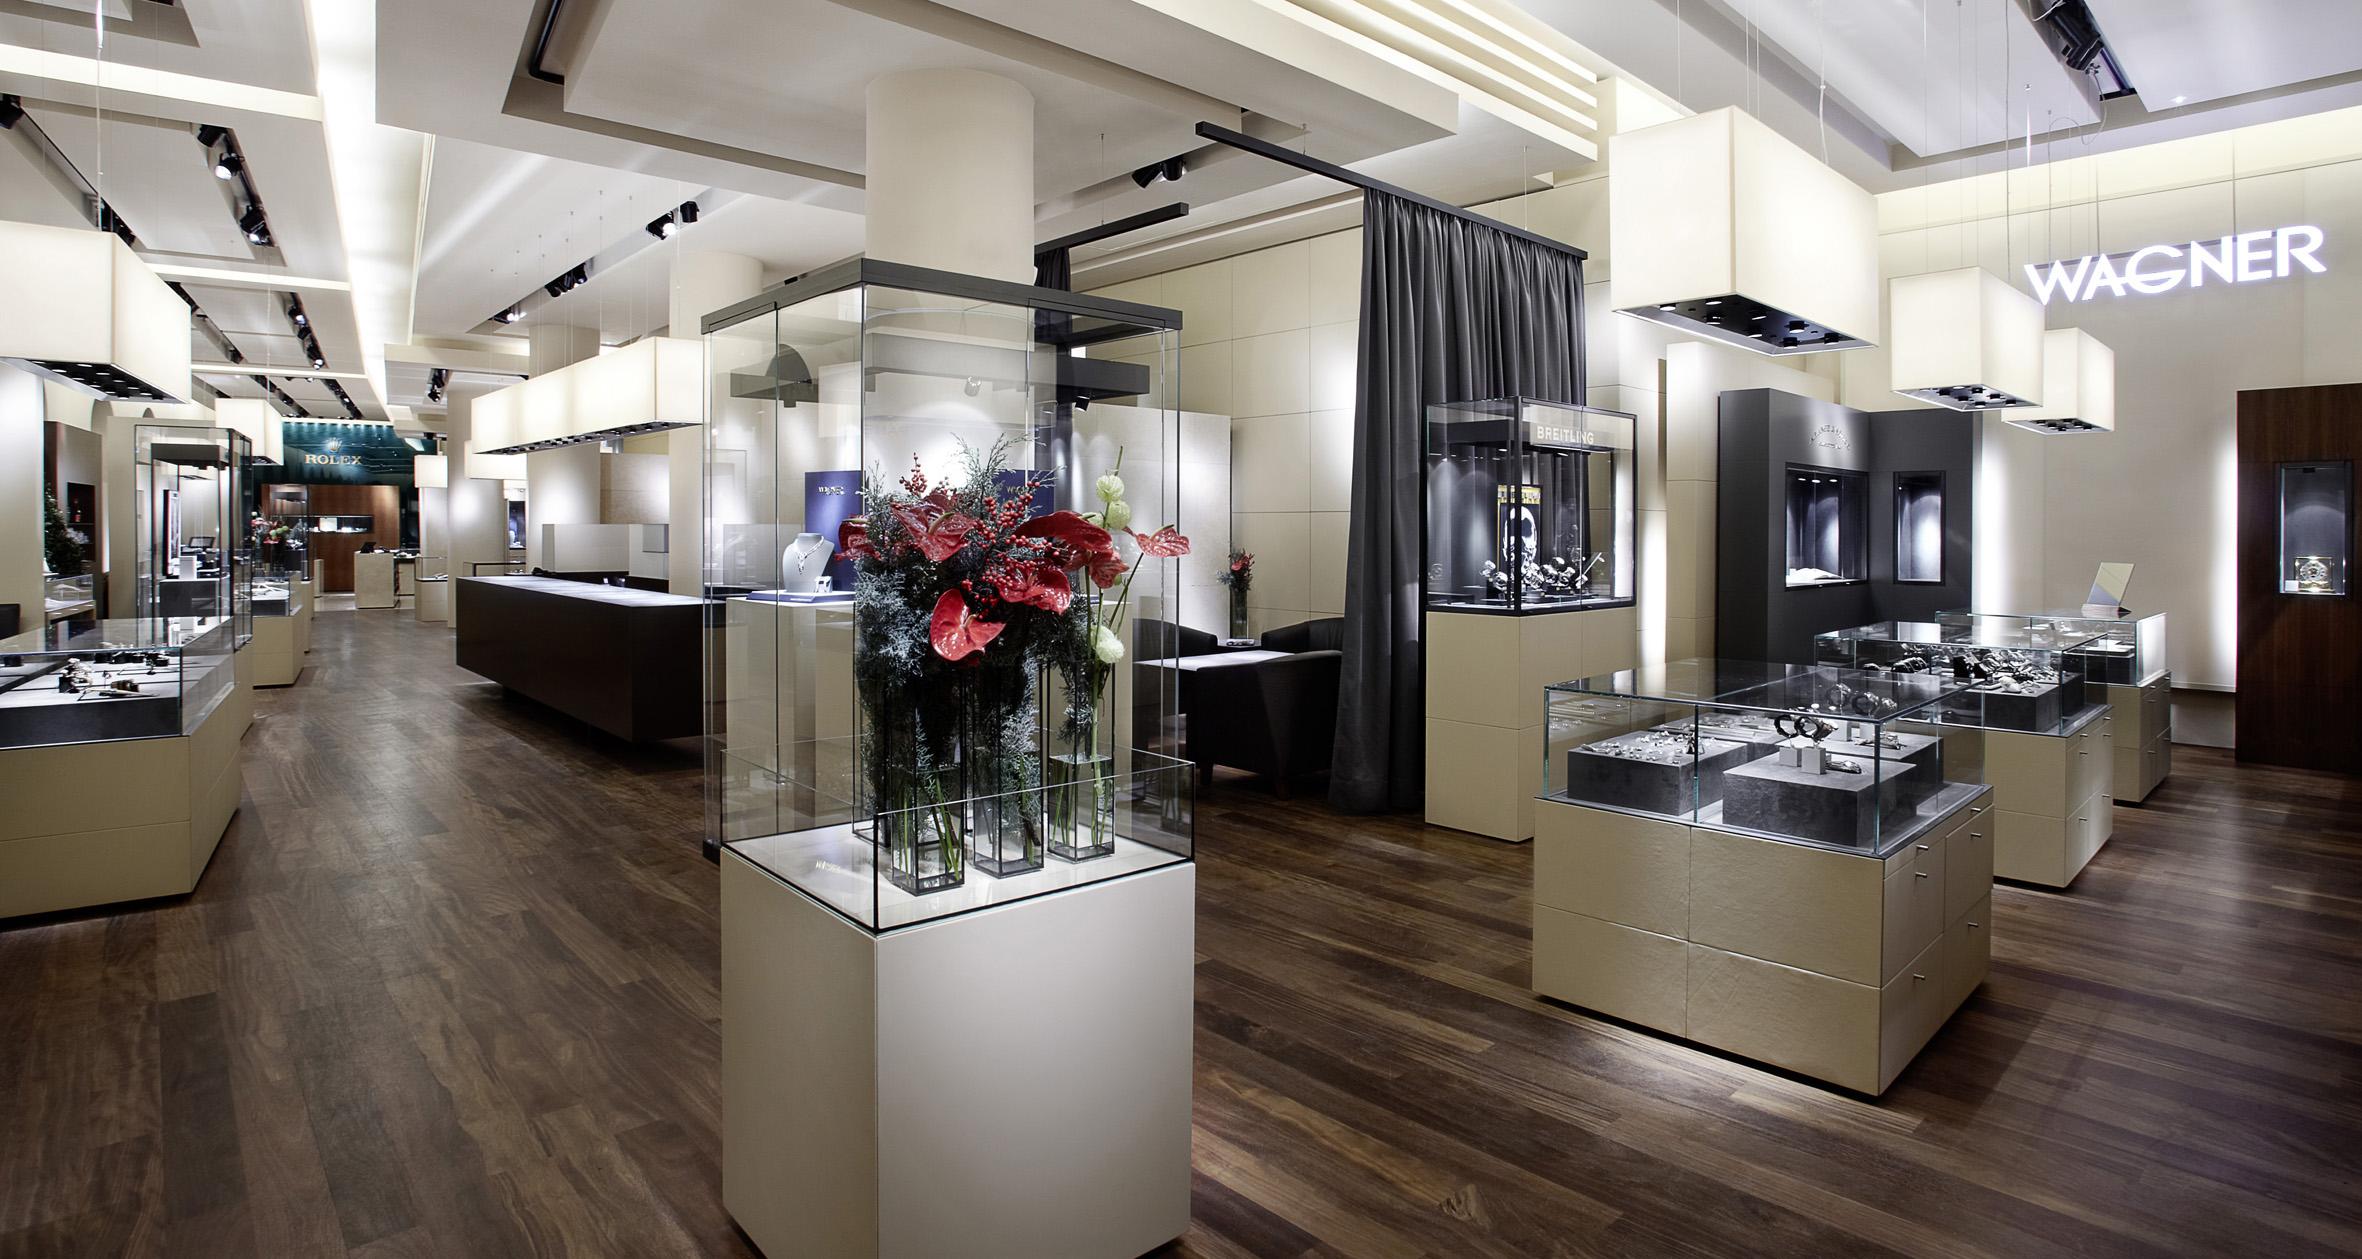 Juwelier Wagner Shop